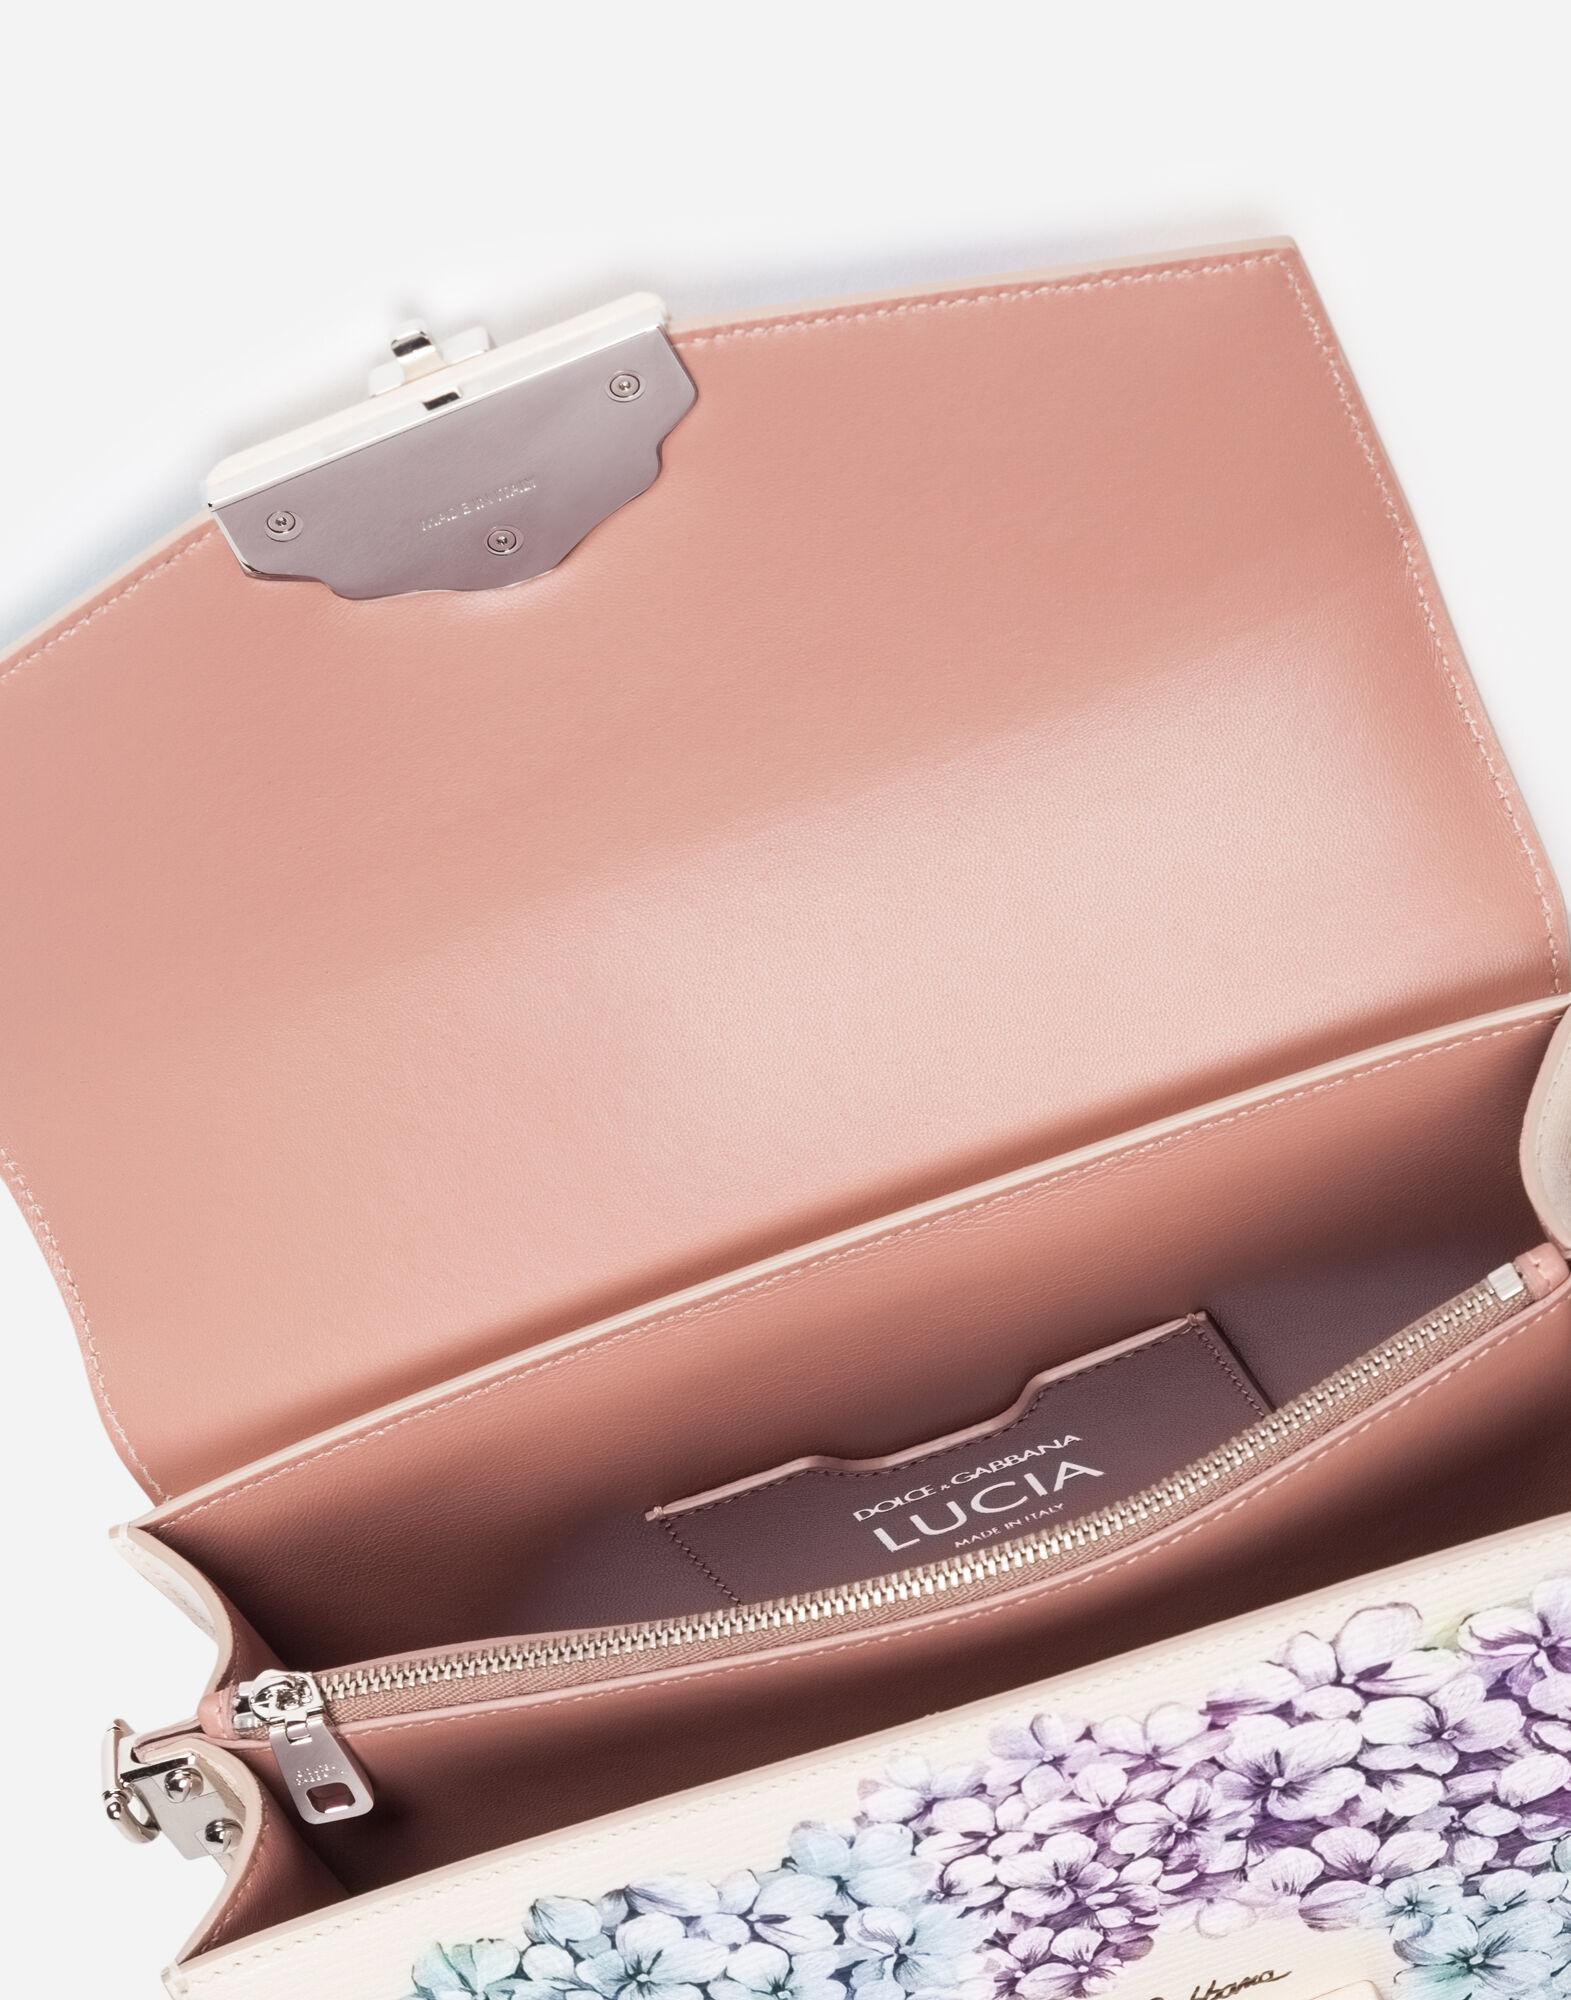 Dolce&Gabbana PRINTED LEATHER LUCIA SHOULDER BAG